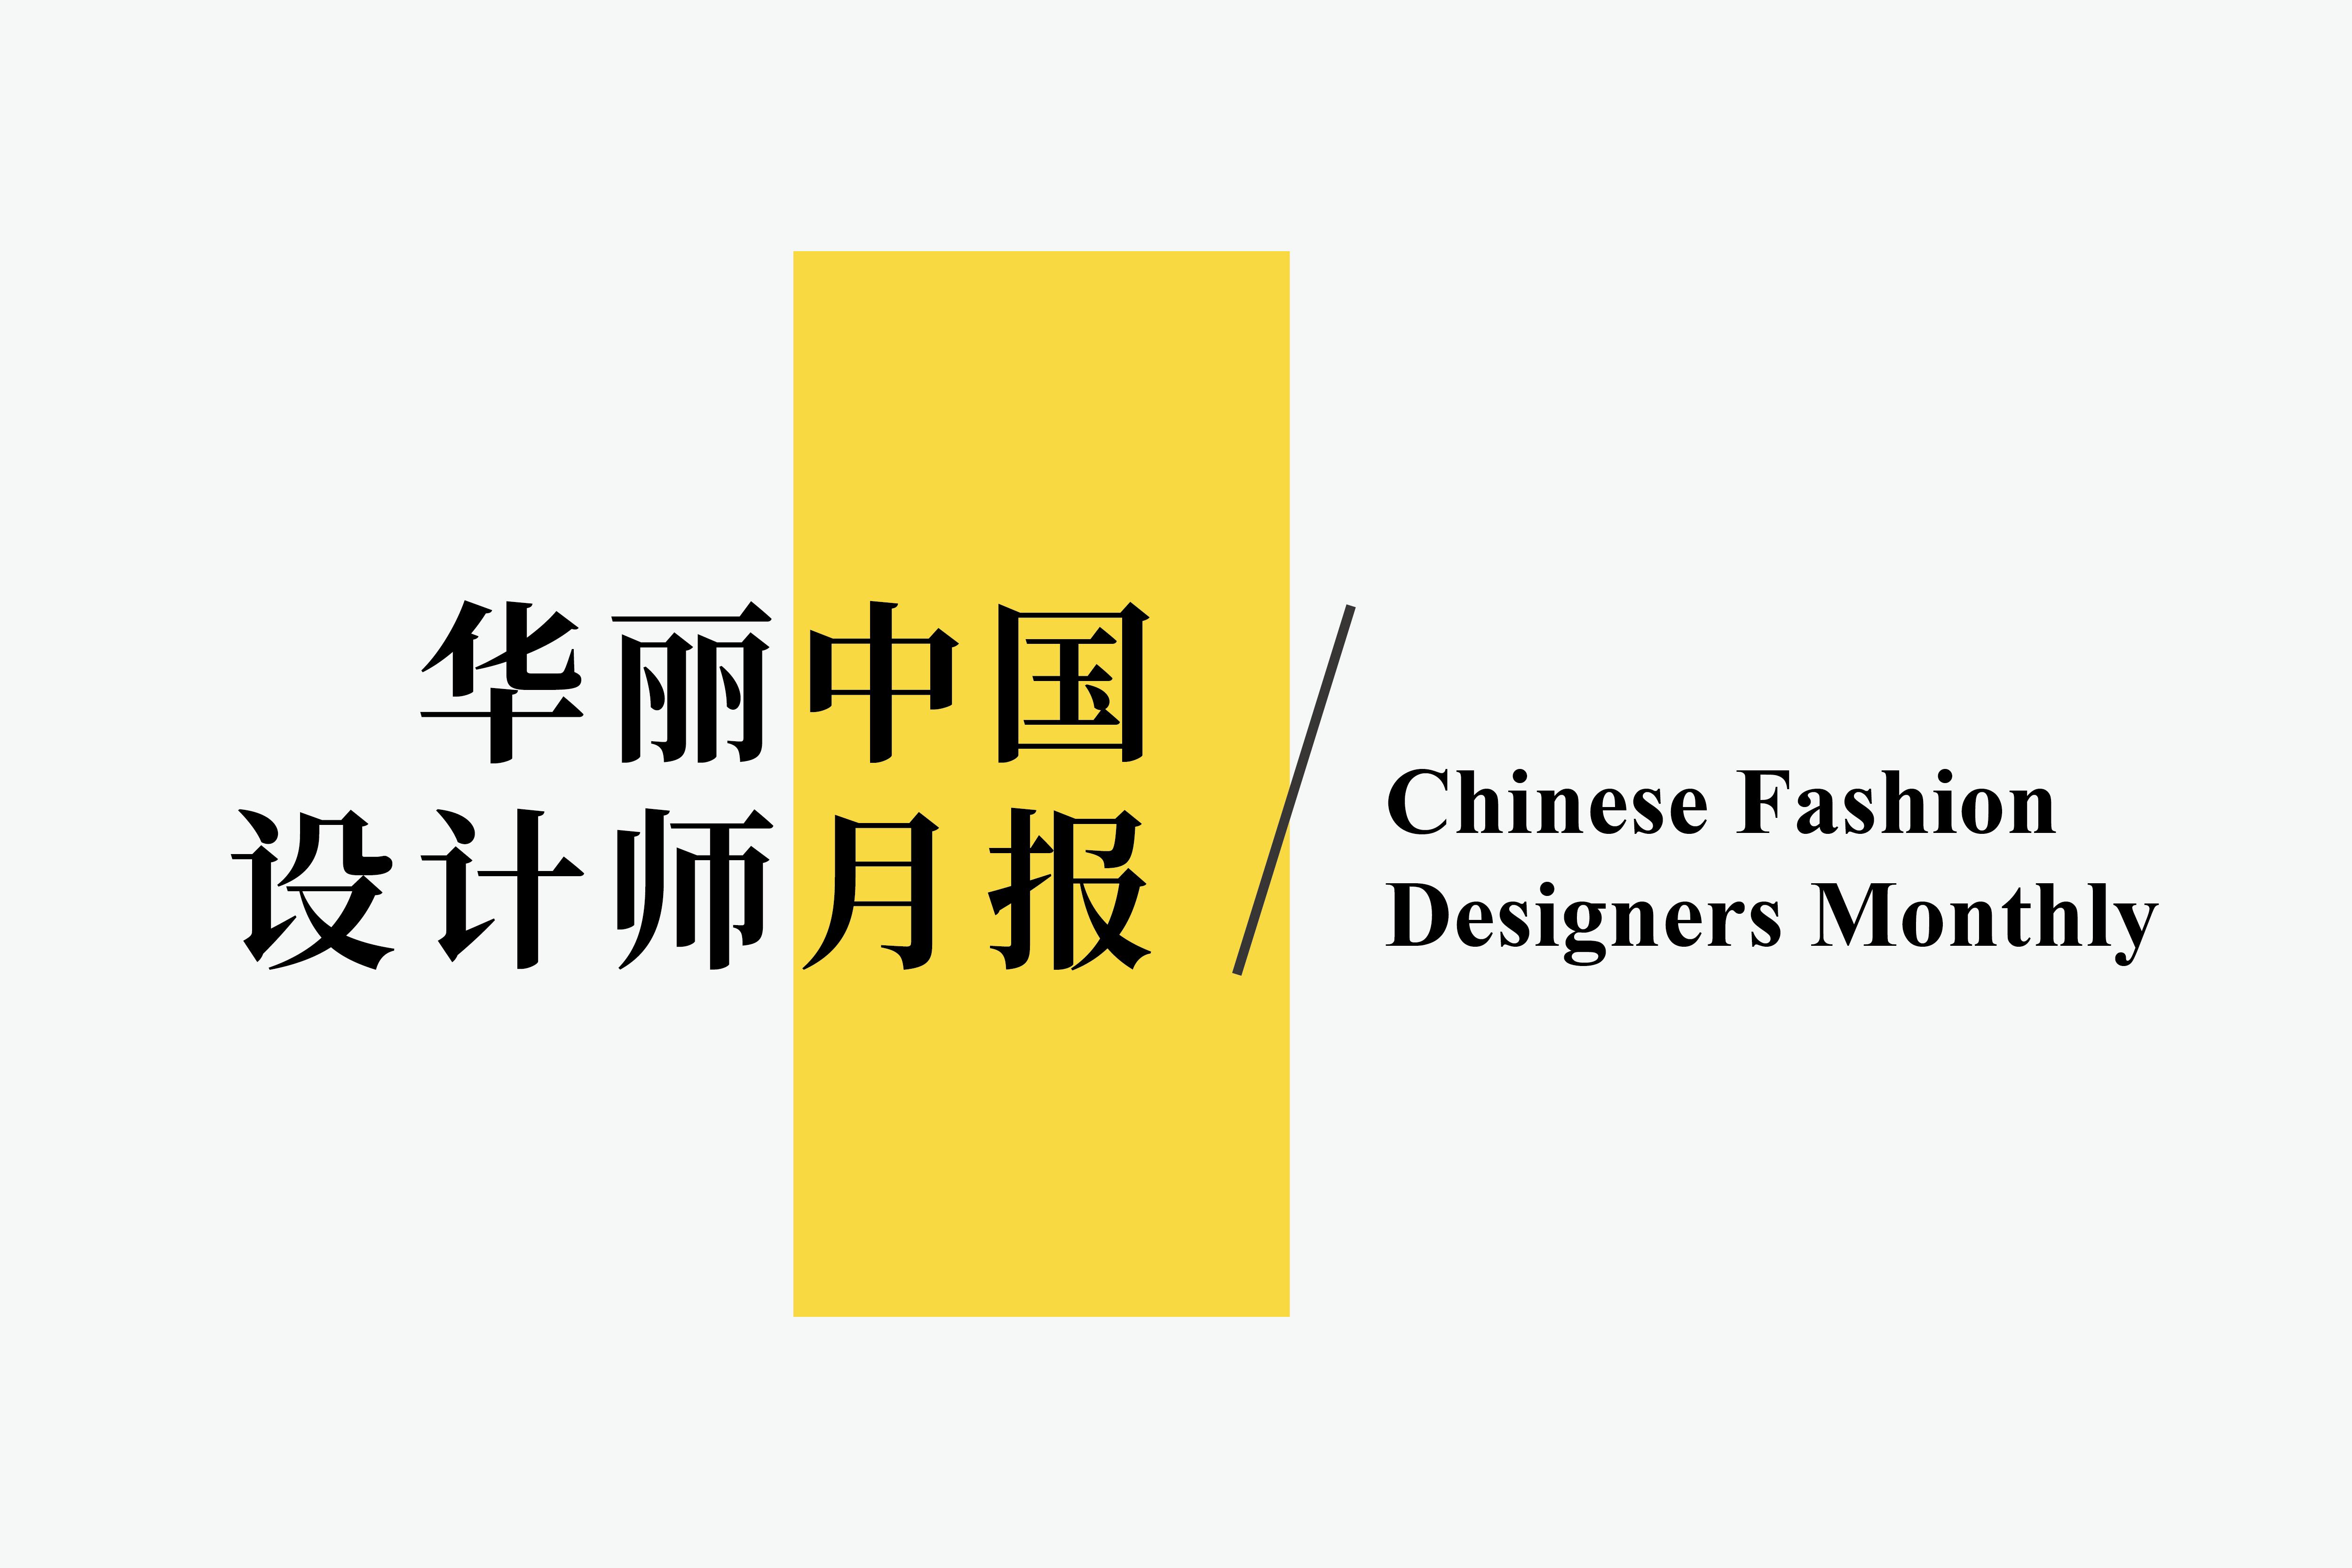 限时店、展览、跨界:31个设计师品牌最新动向 | 华丽志设计师月报(2021年2月)